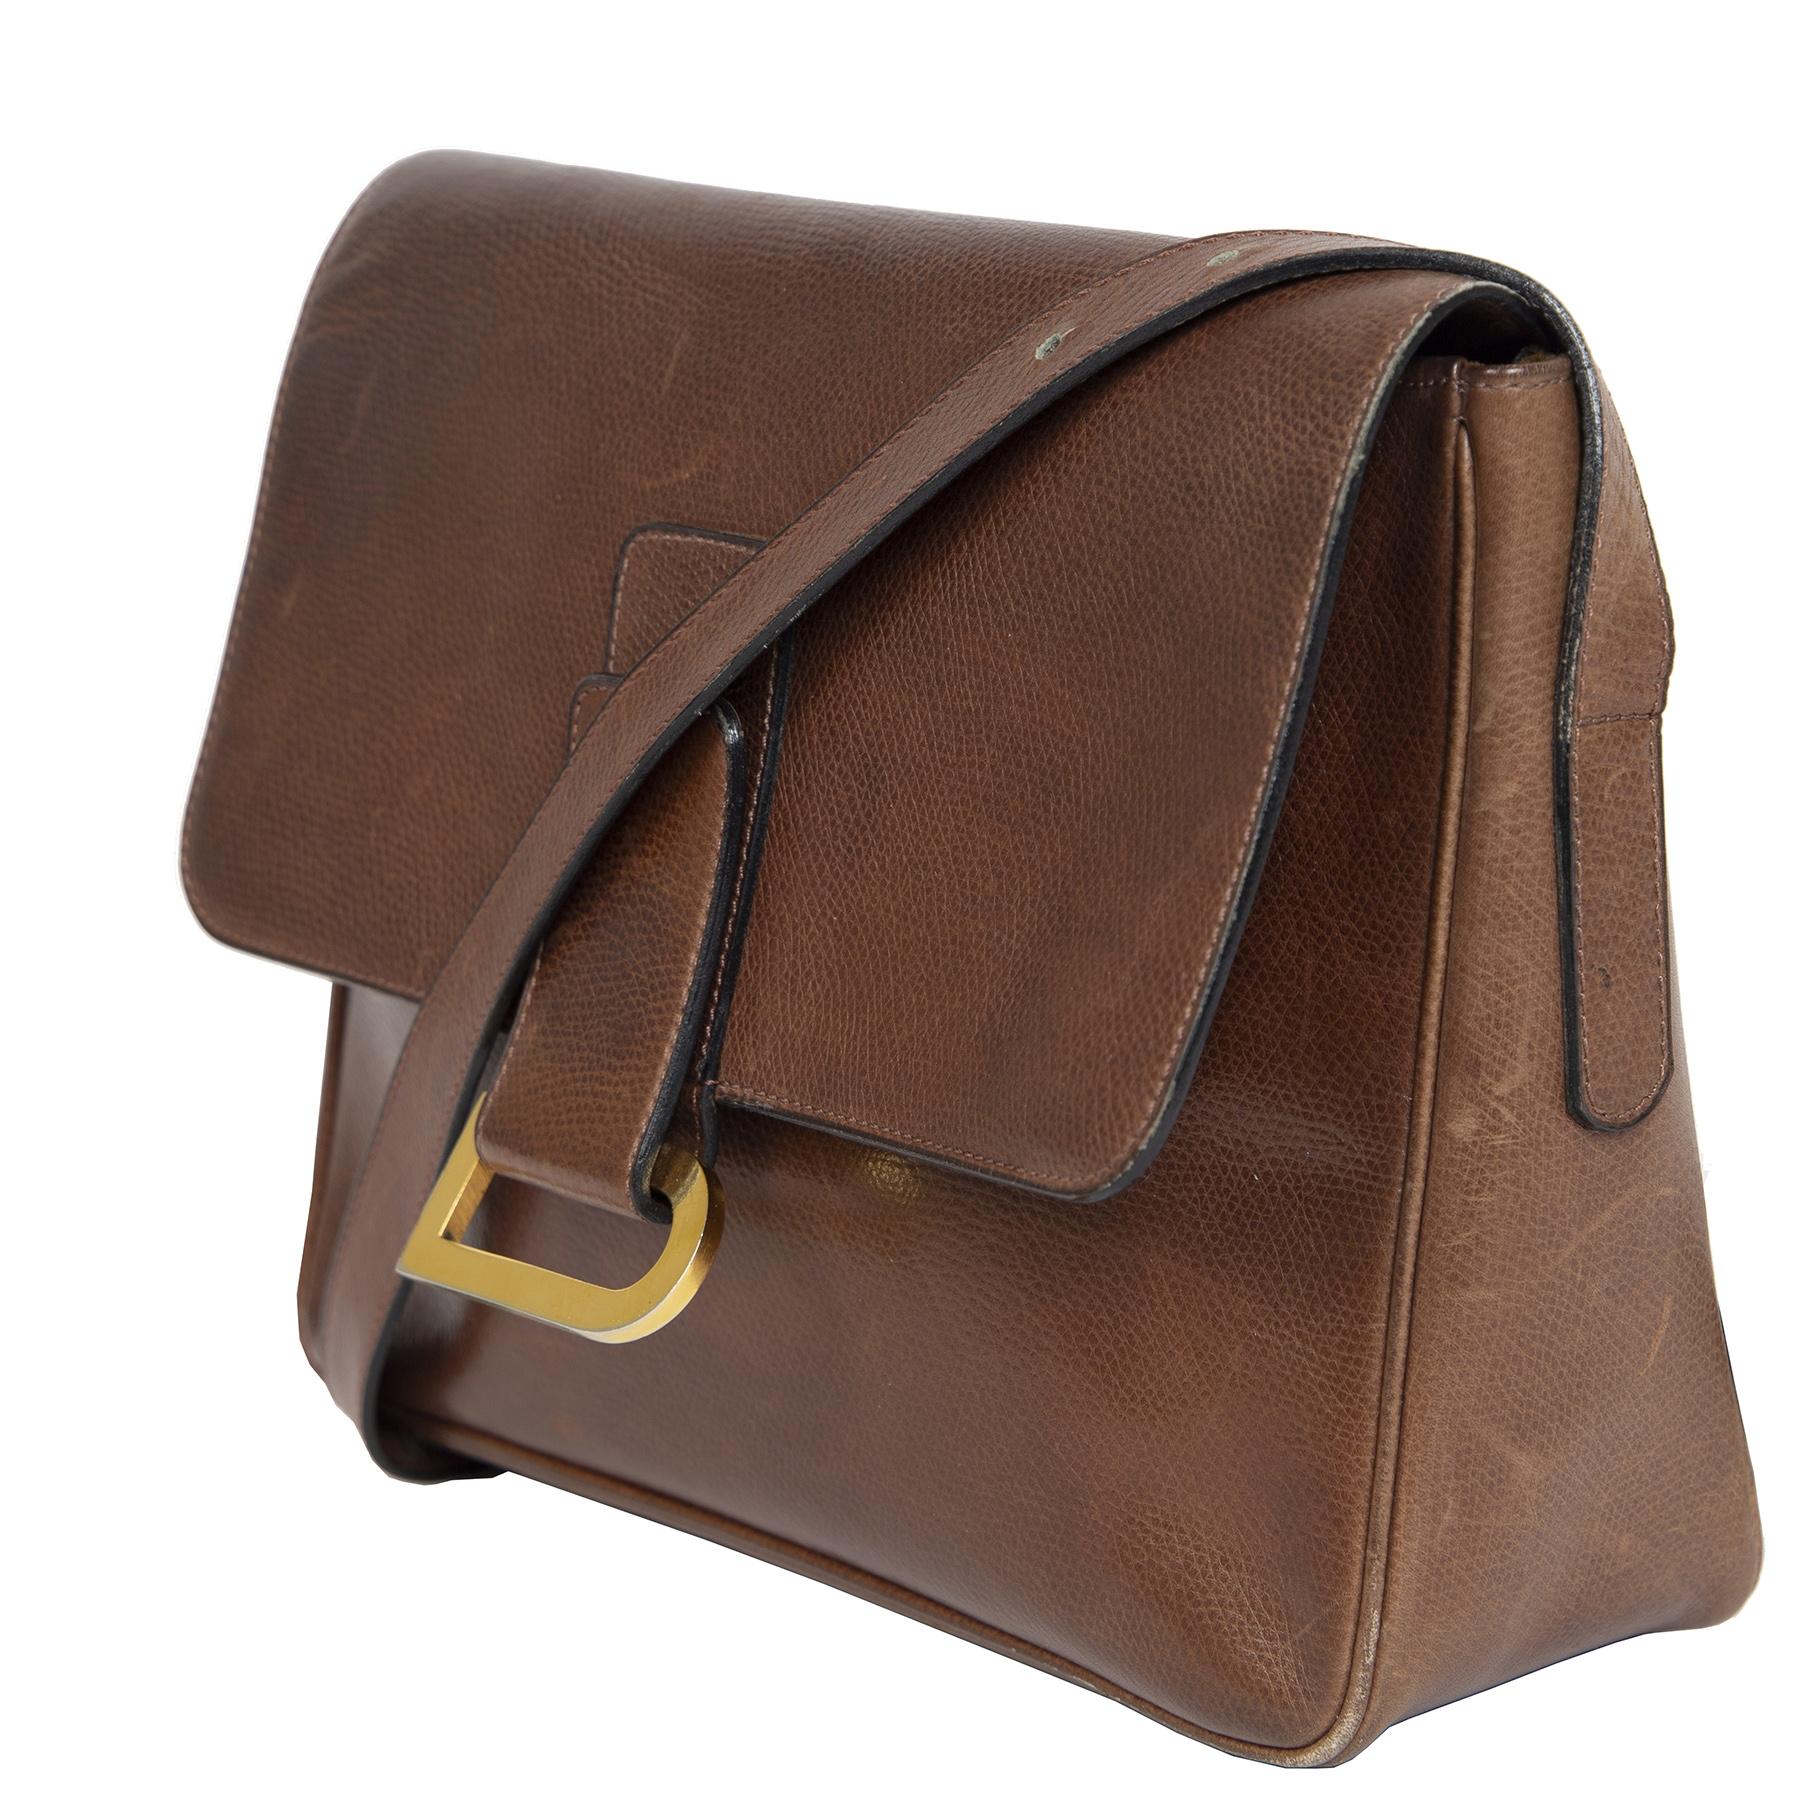 Authentieke Tweedehands Delvaux Cognac Passerelle Shoulder Bag juiste prijs veilig online shoppen luxe merken webshop winkelen Antwerpen België mode fashion